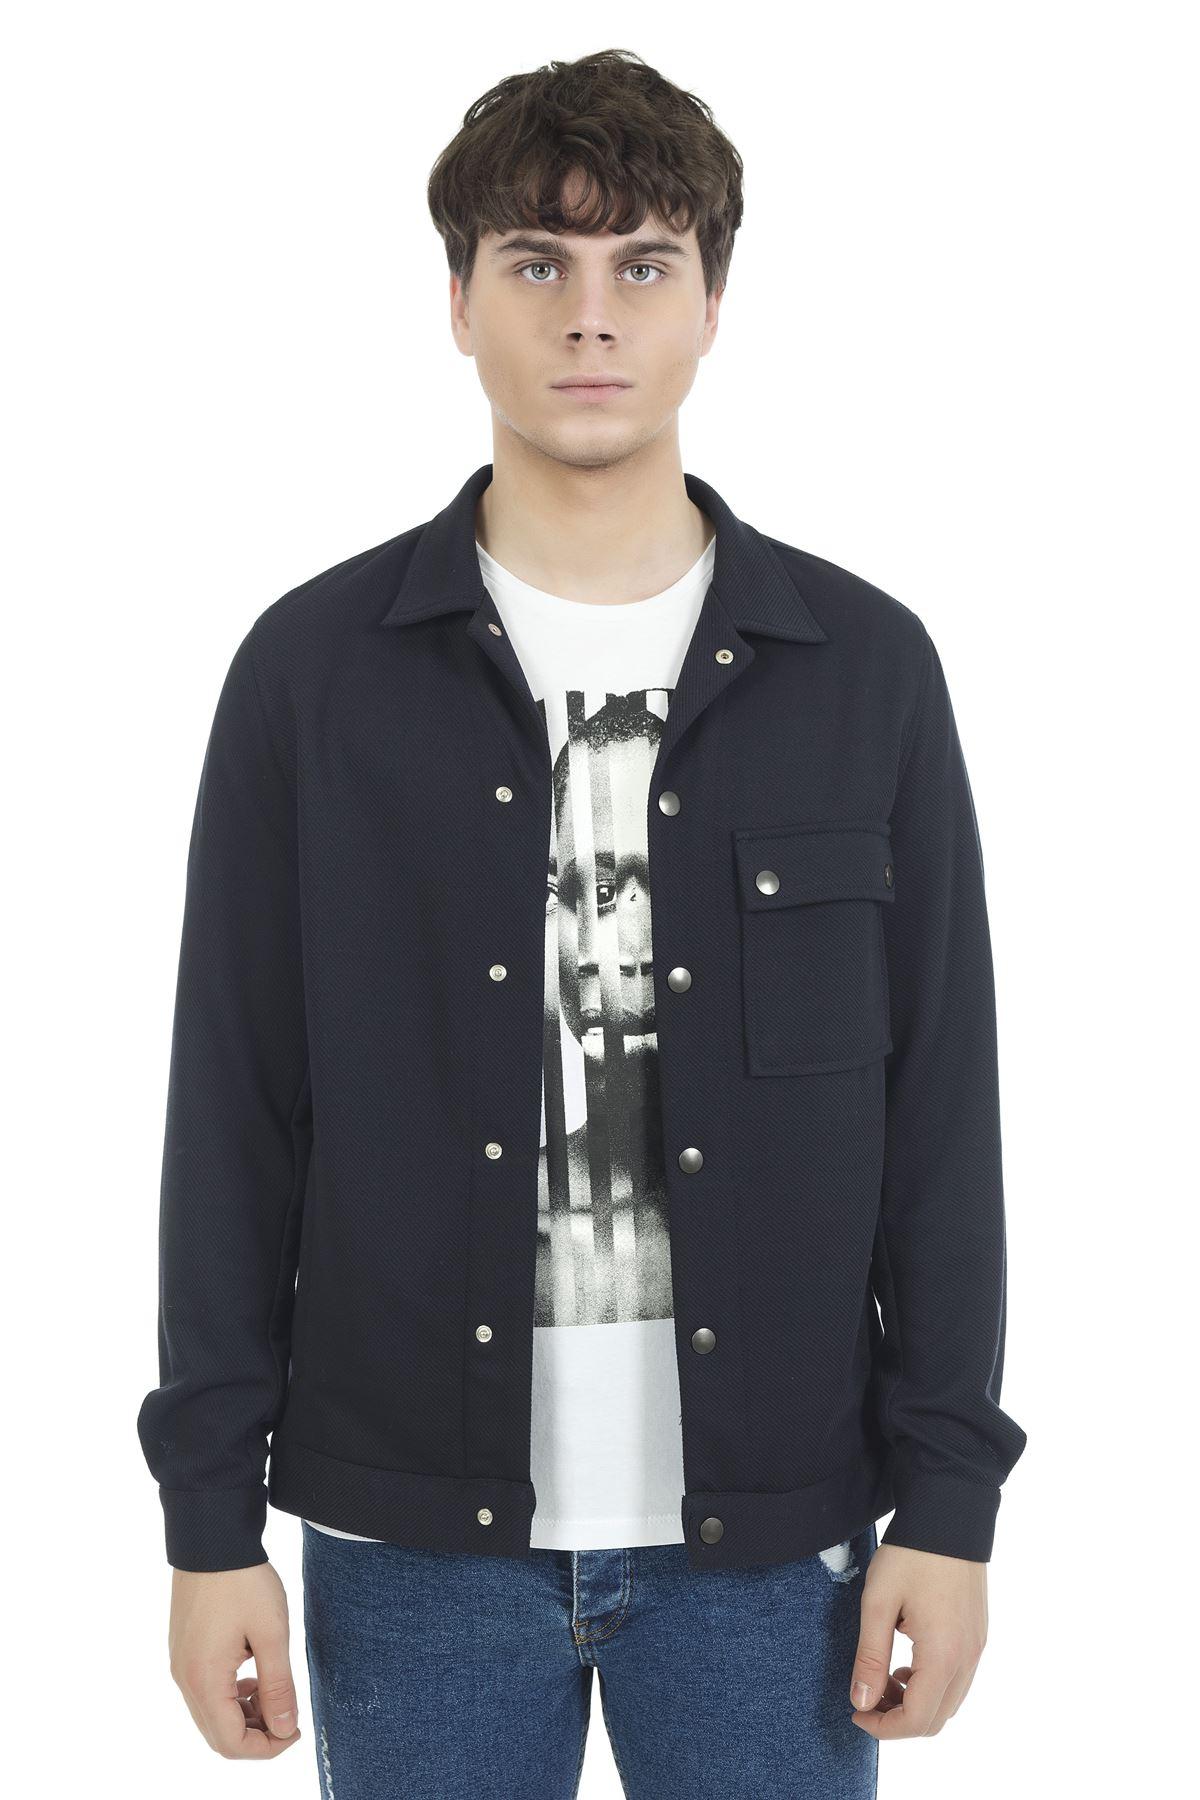 Lacivert Gömlek Yaka Çıt Çıtlı Sweatshirt